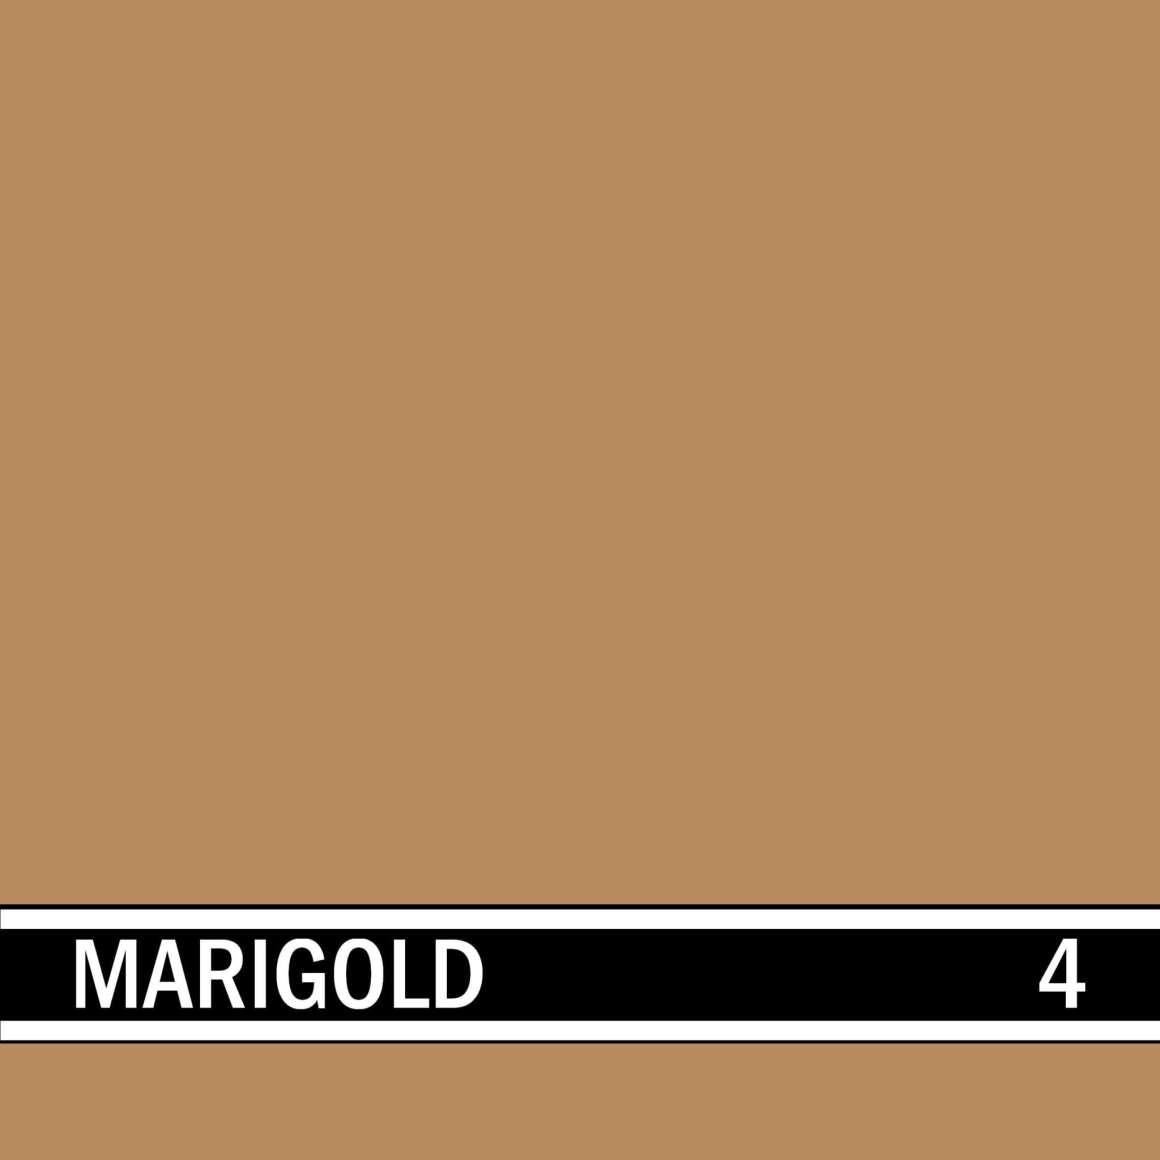 Marigold integral concrete color for stamped concrete and decorative colored concrete